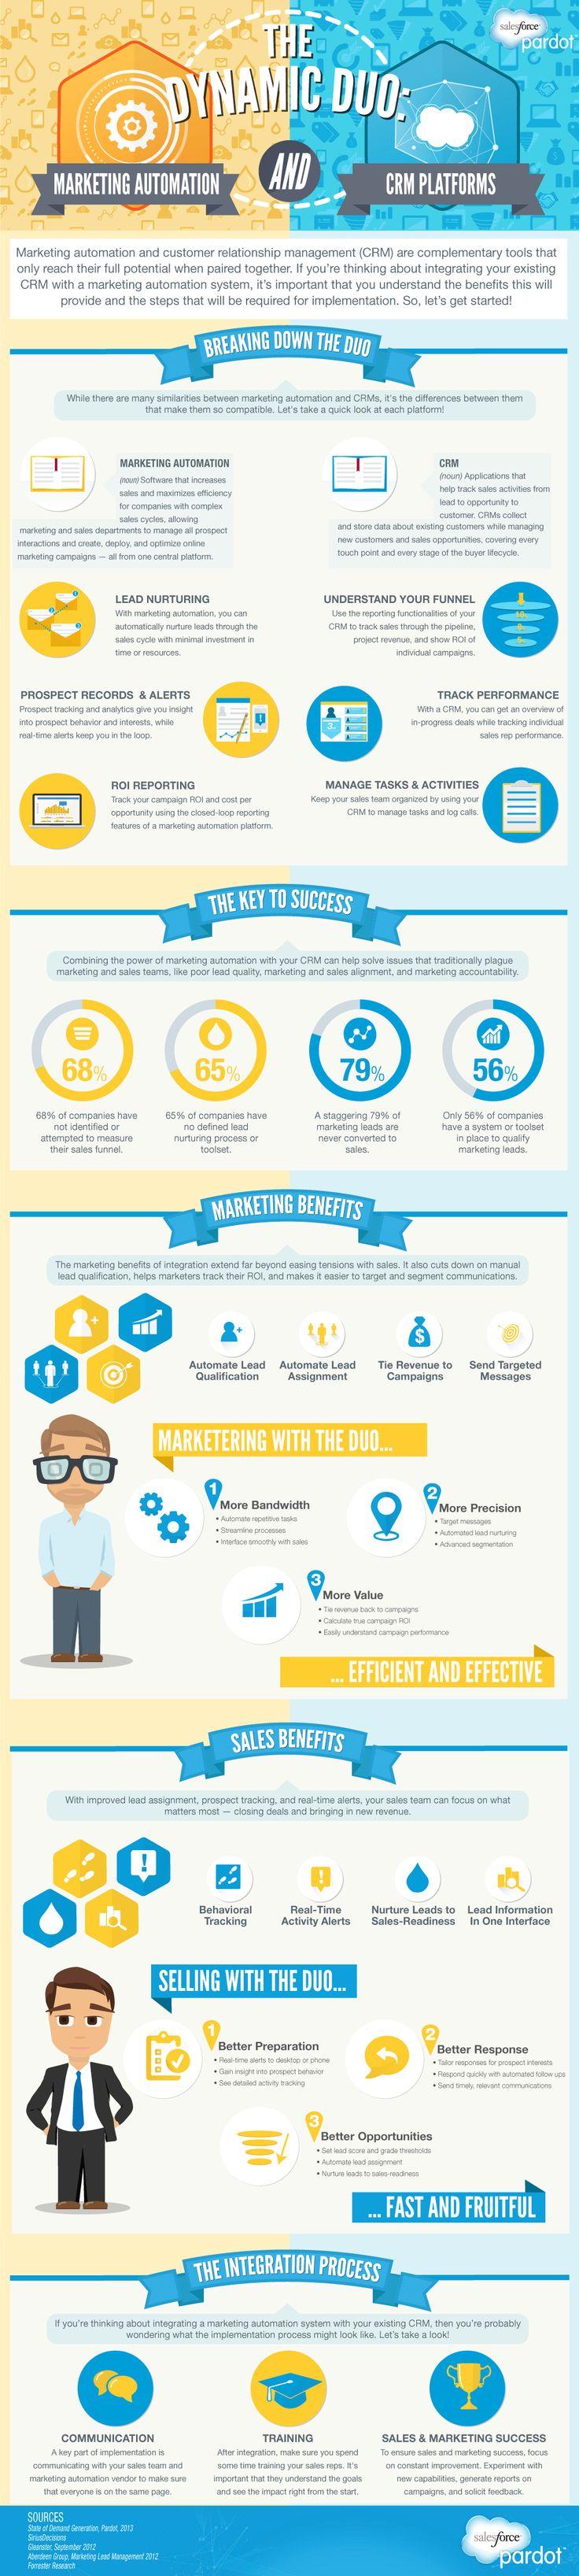 #Marketing Automation & #CRM Platforms | #Inbound Marketing